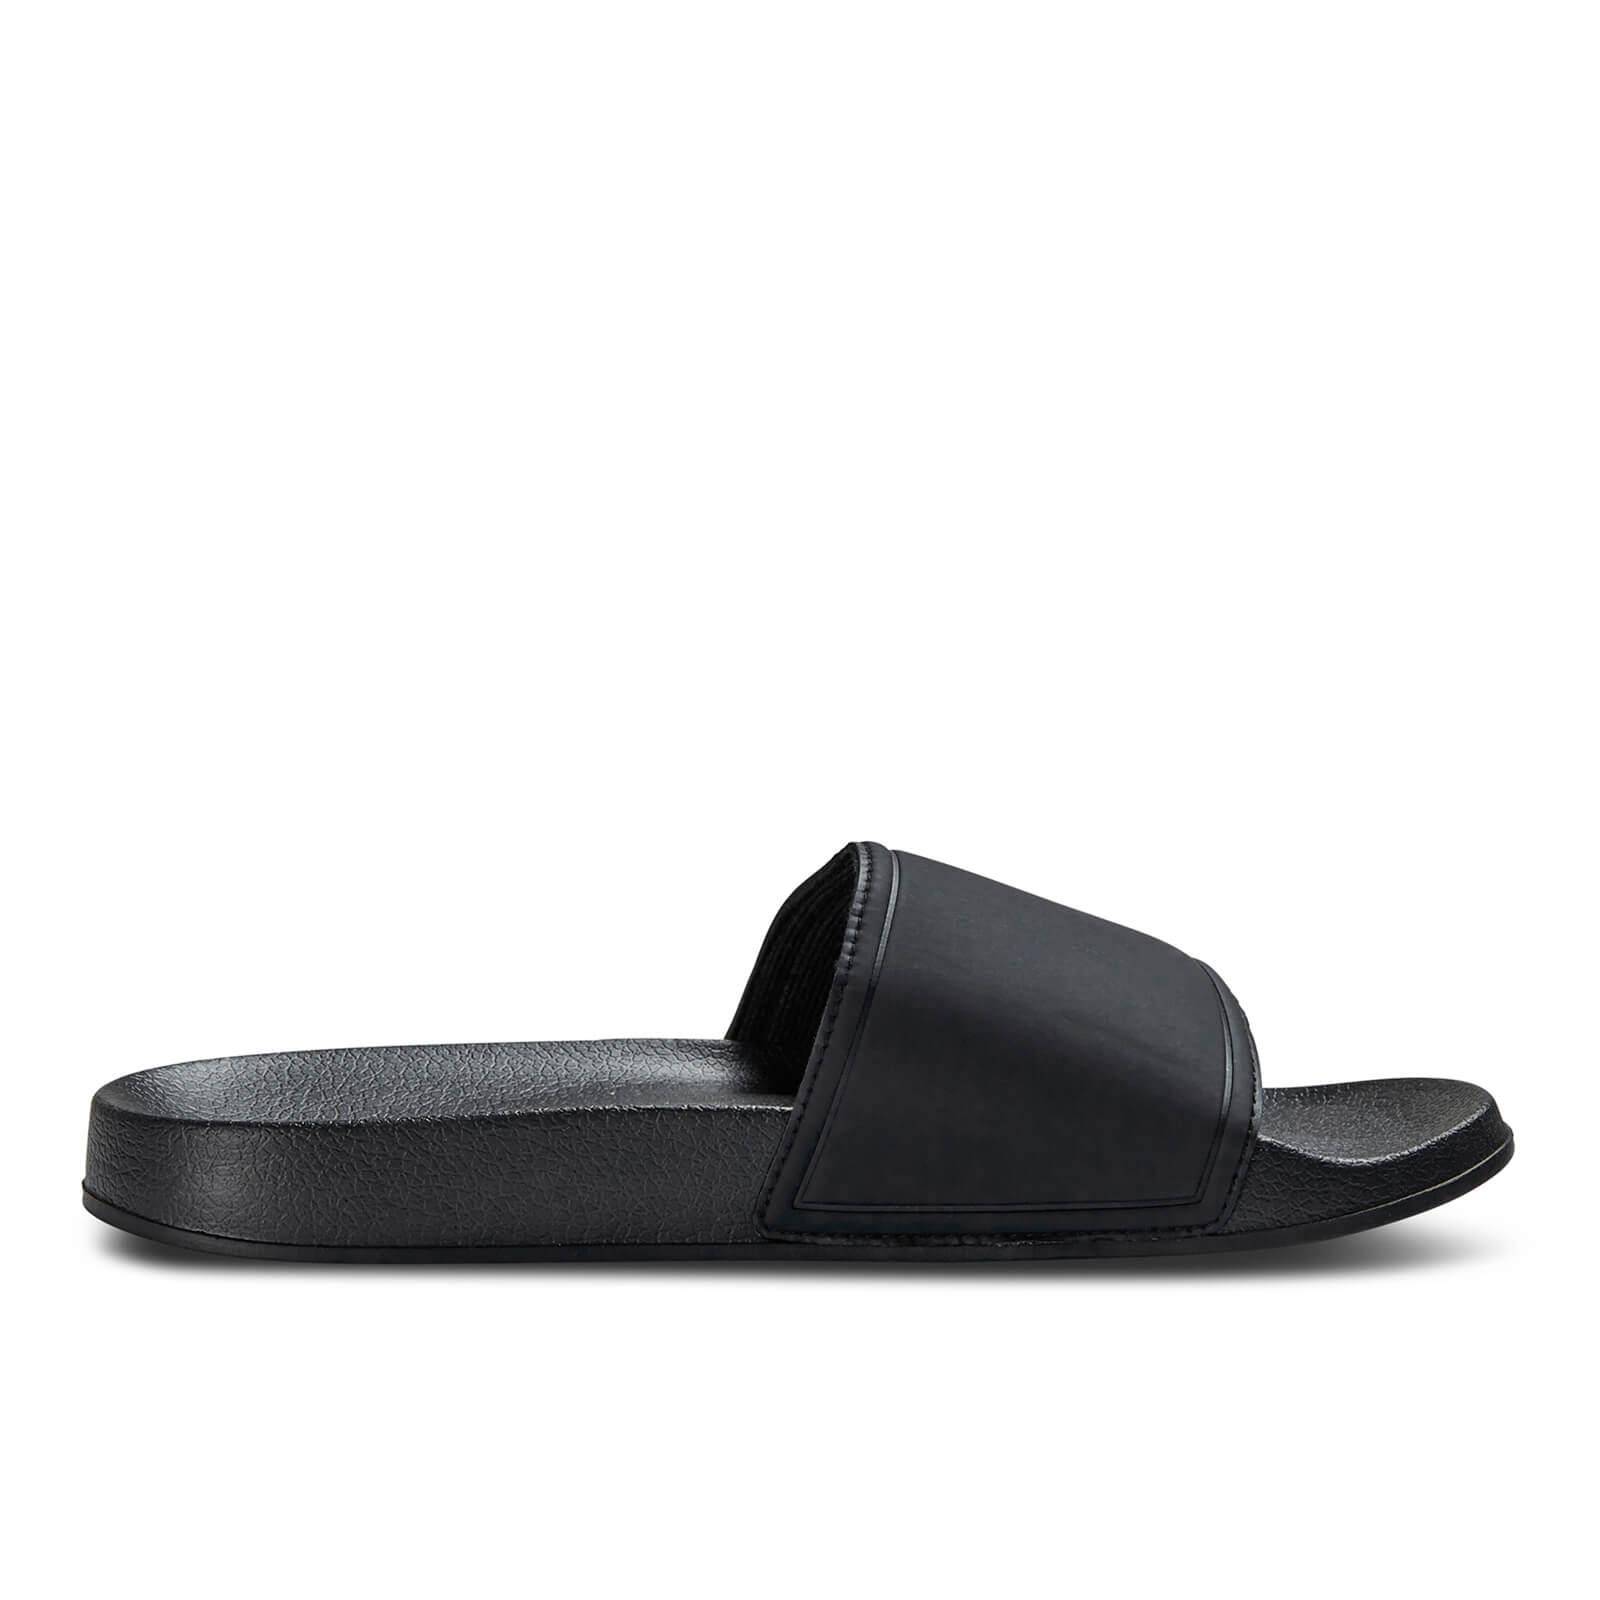 a6d9229114f6 Jack   Jones Men s Slider Sandals - Anthracite Mens Footwear